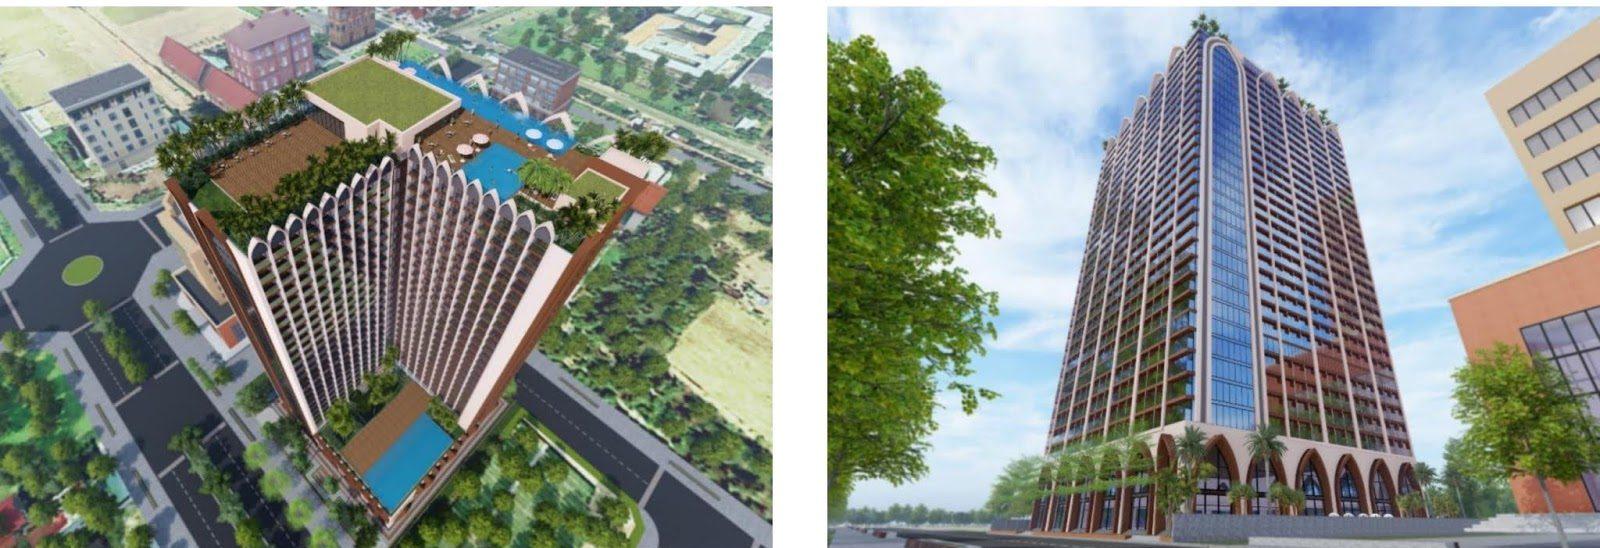 Dự án căn hộ khách sạn Apec Mandala Grand Phú Yên